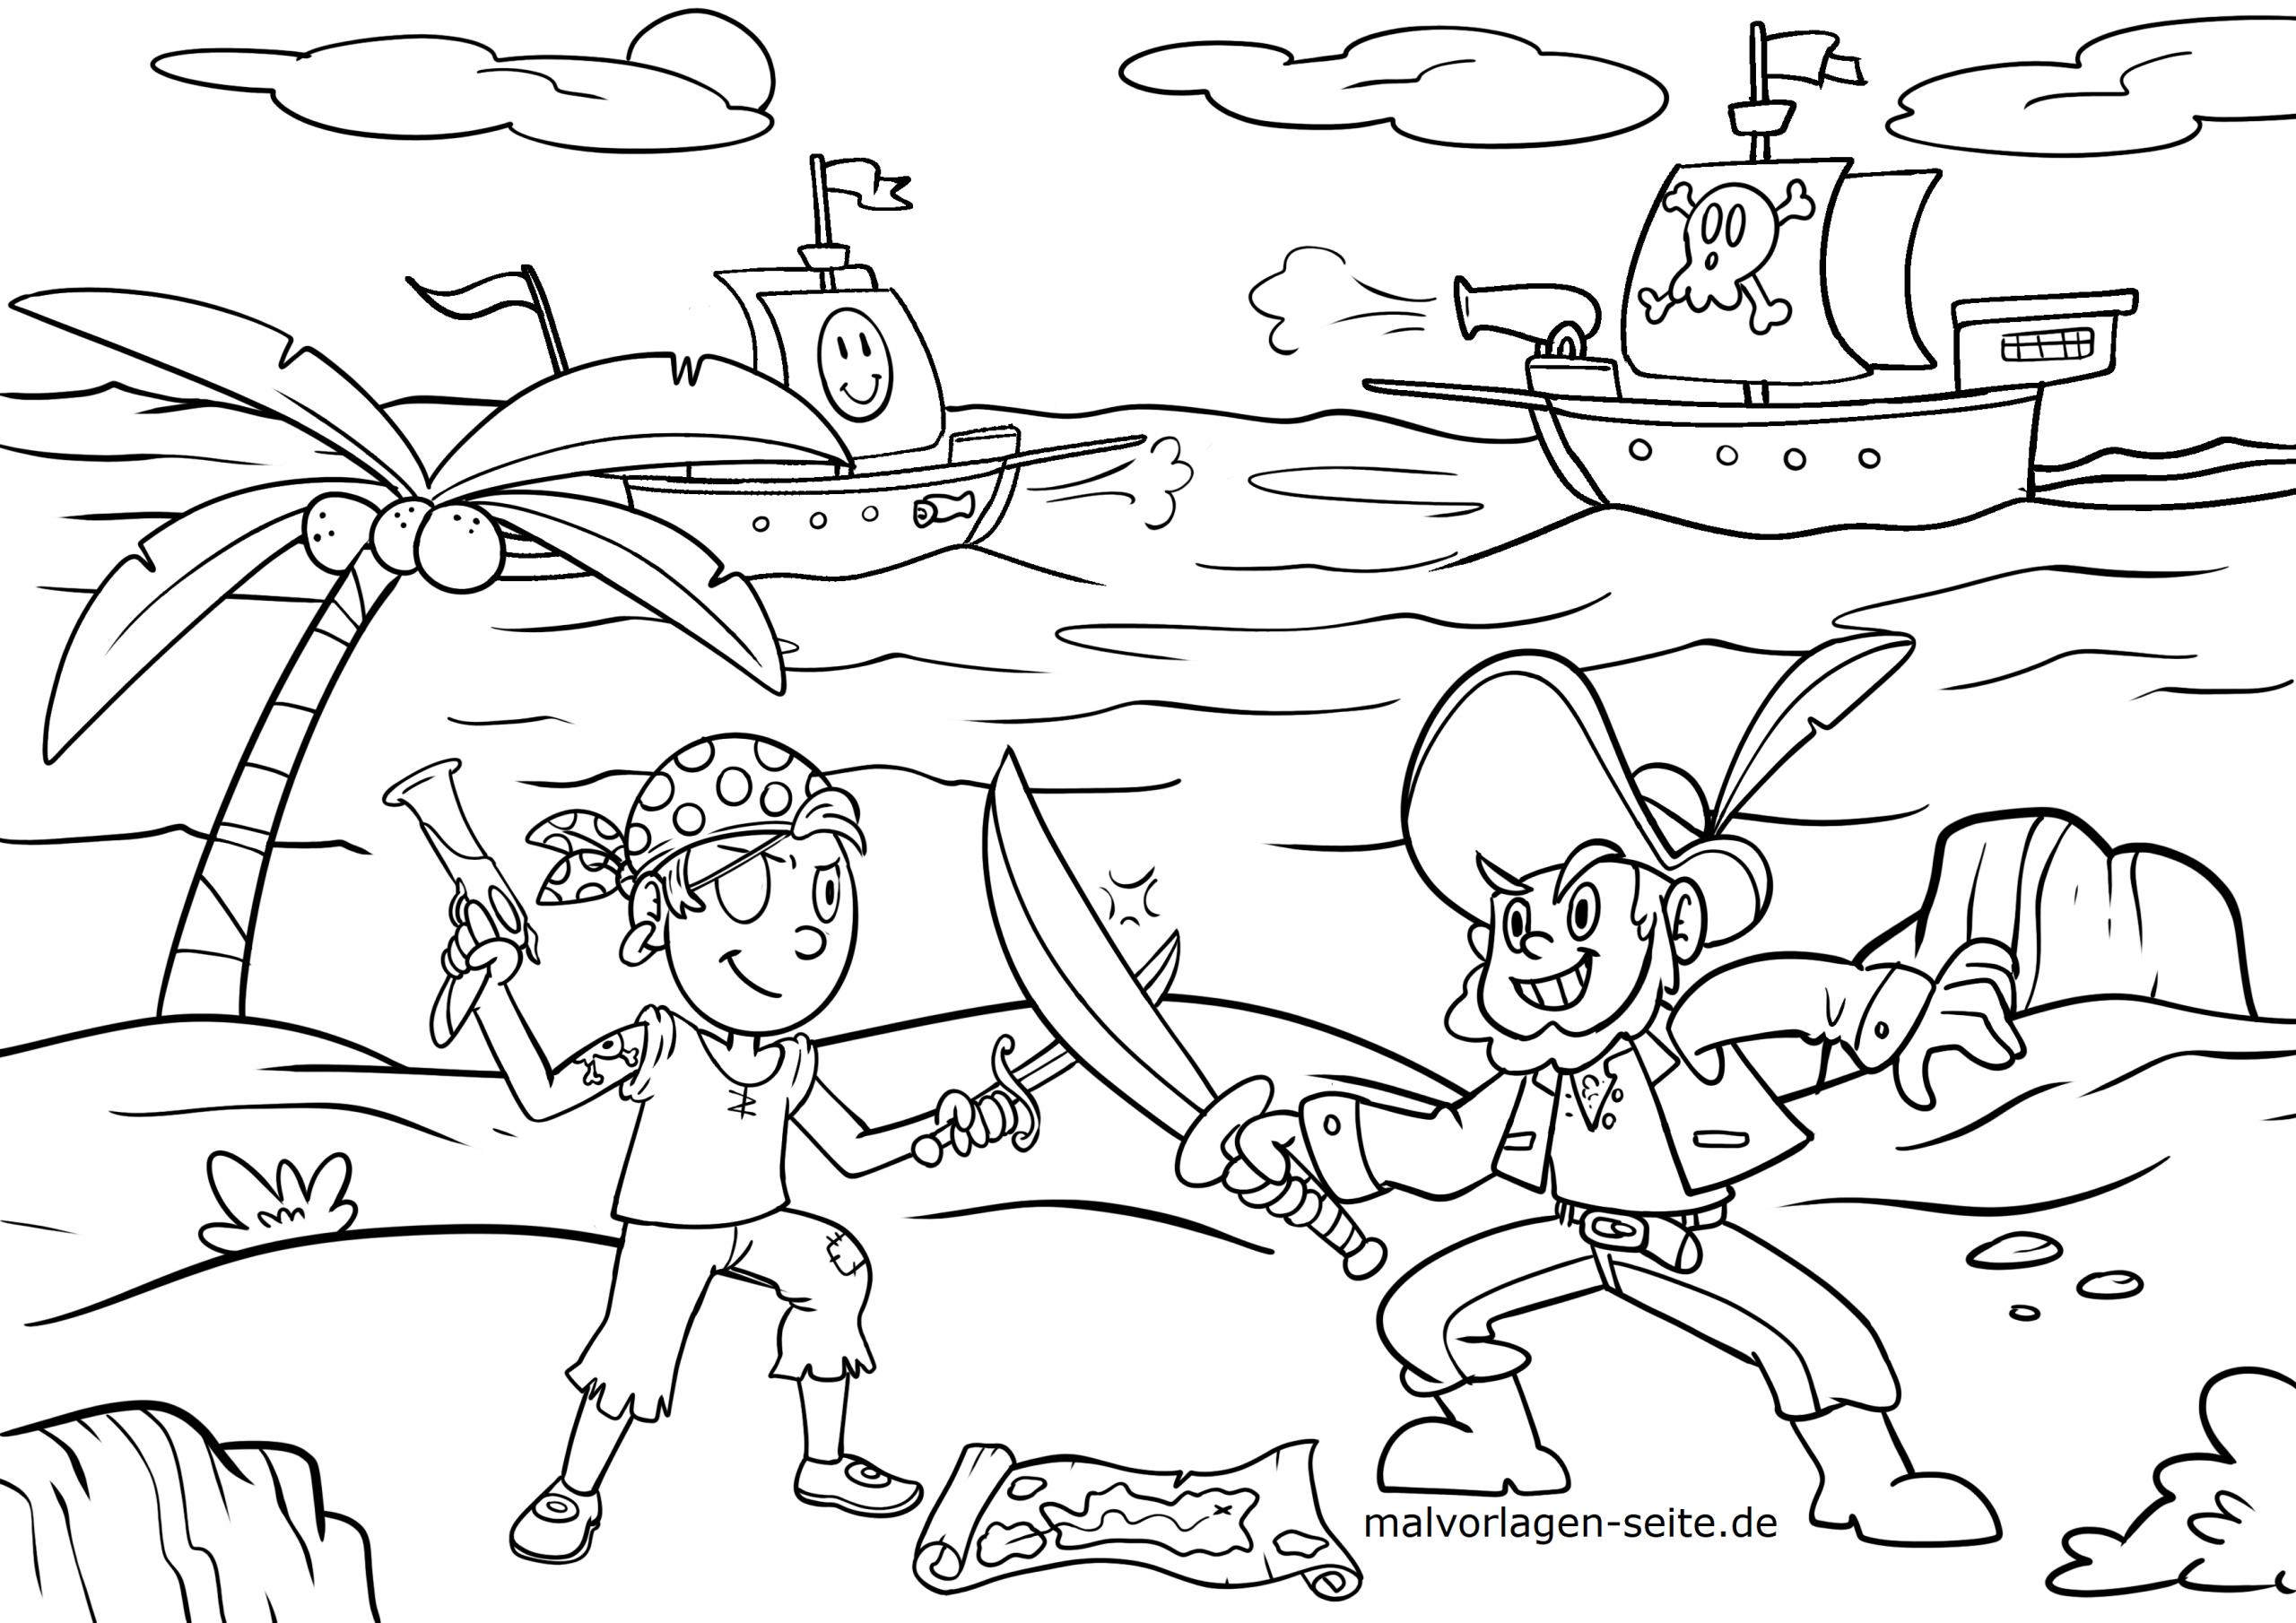 Malvorlage Piraten / Pirat - Ausmalbilder Kostenlos verwandt mit Piraten Ausmalbilder